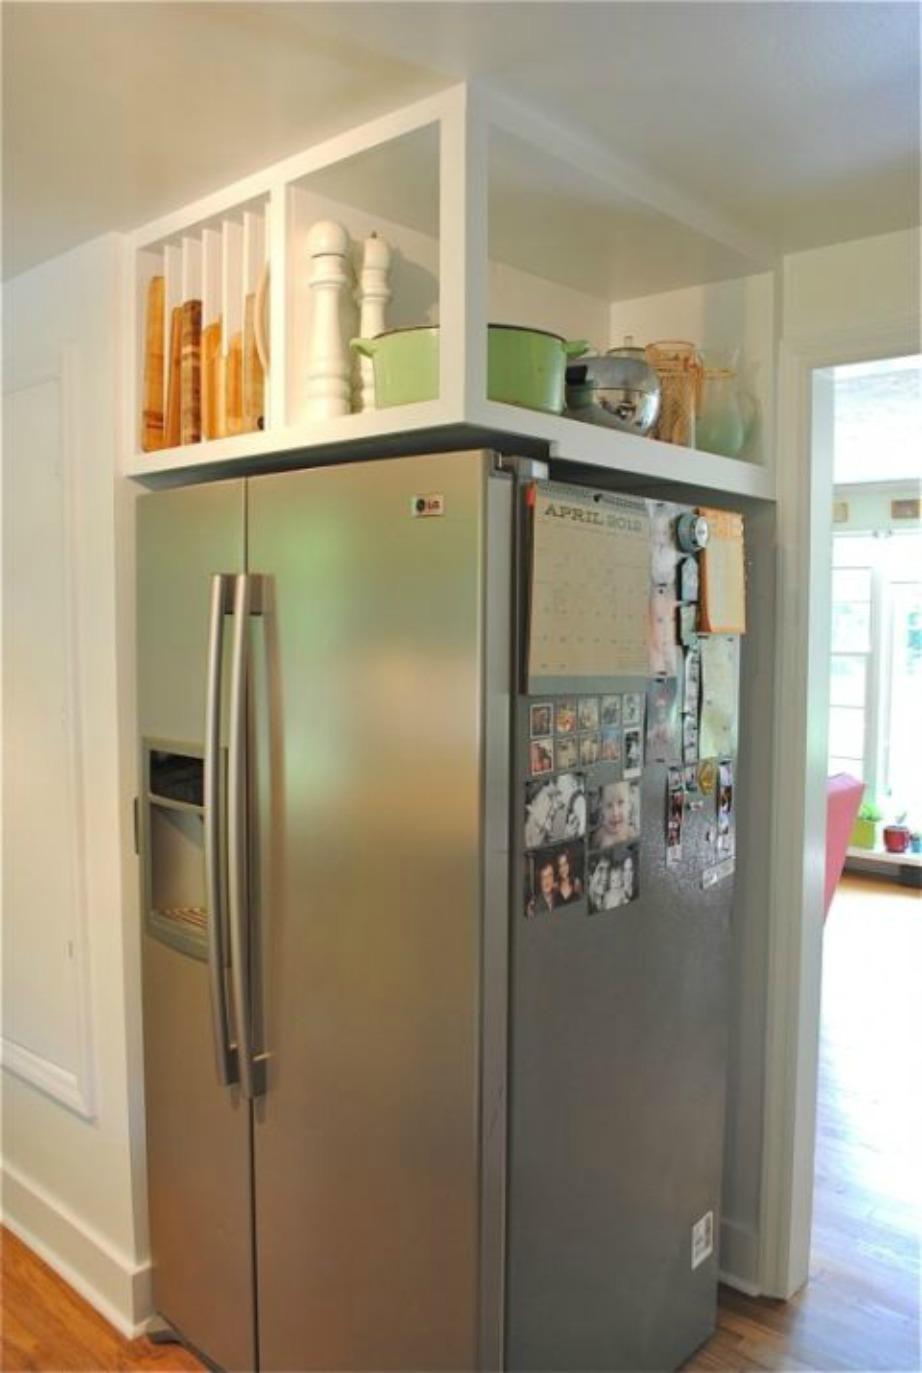 Τα απάντα χωράνε πάνω από το ψυγείο σας!